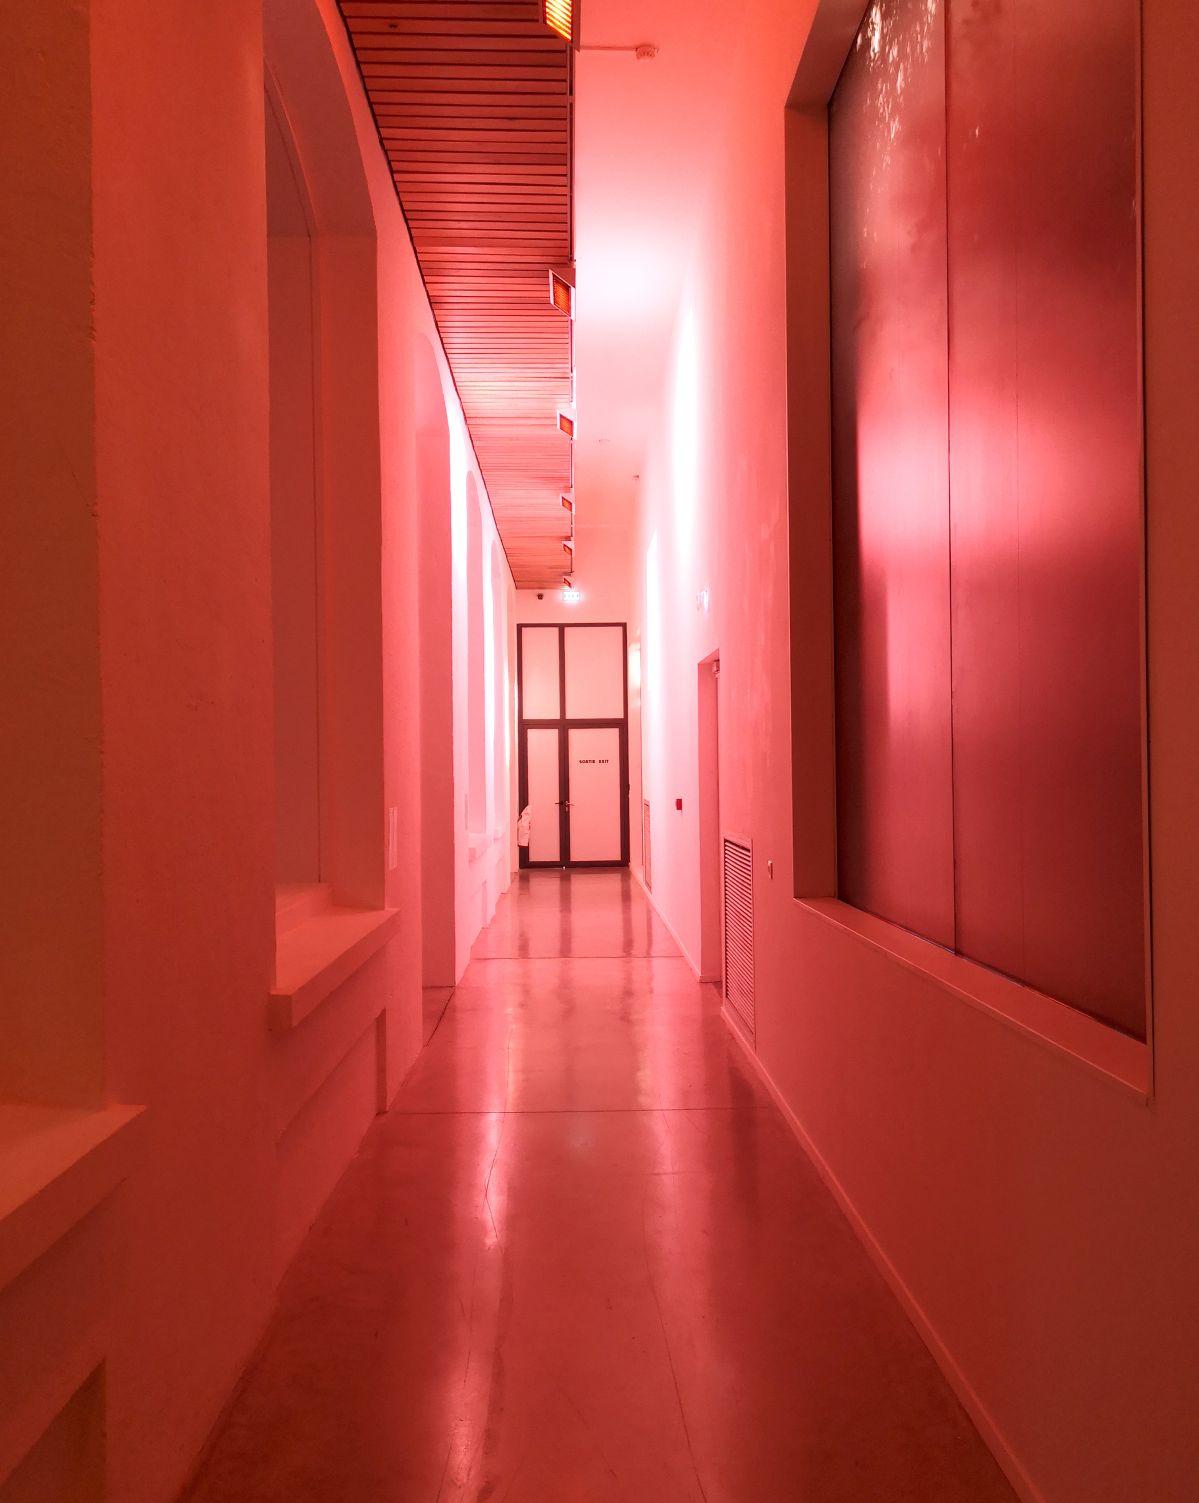 Serge Damon - Scénographie lumineuse, 2020 - The Ruins of Hope, 2019 - Permafrost - Les formes du désastre au MoCo La Panacée - Troisième galerie